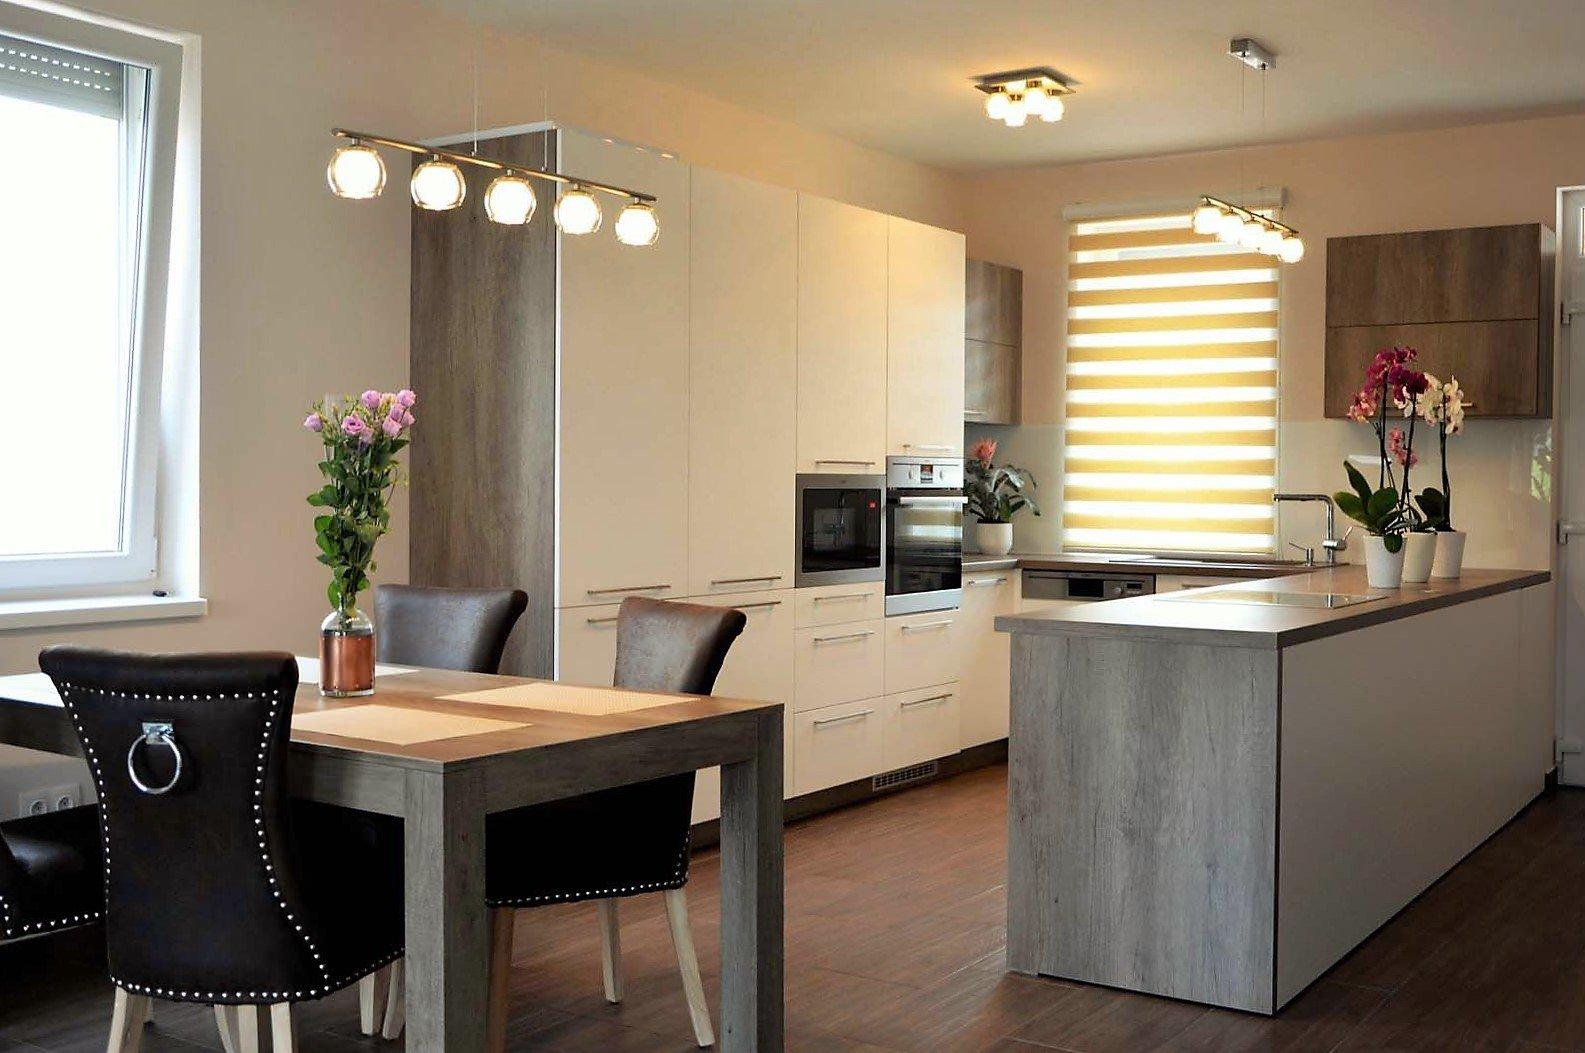 Egyedi konyhabútor készítés szigetrésszel, rejtett LED világítással, üveghátlappal étkezőasztallal